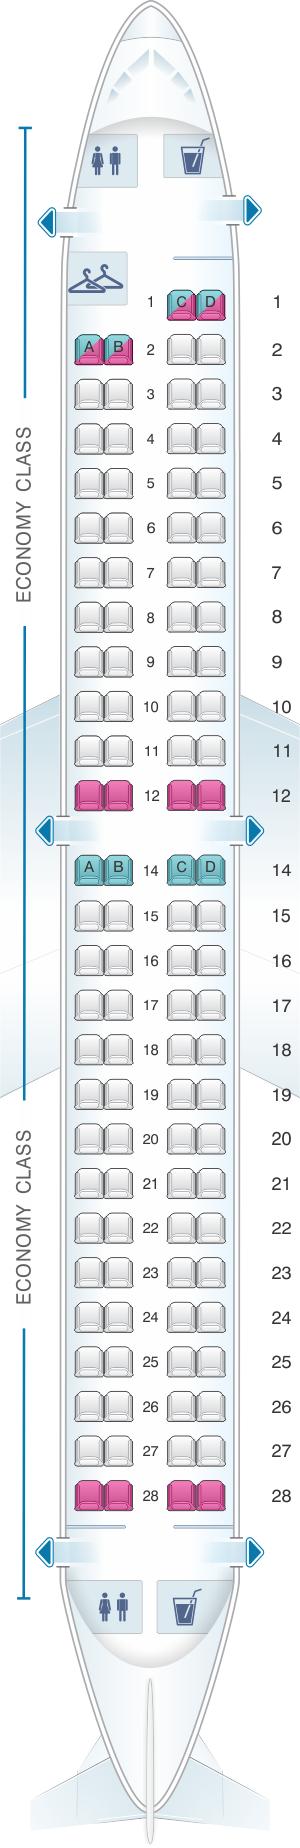 Seat map for Azal Azerbaijan Airlines Embraer ERJ 190 100